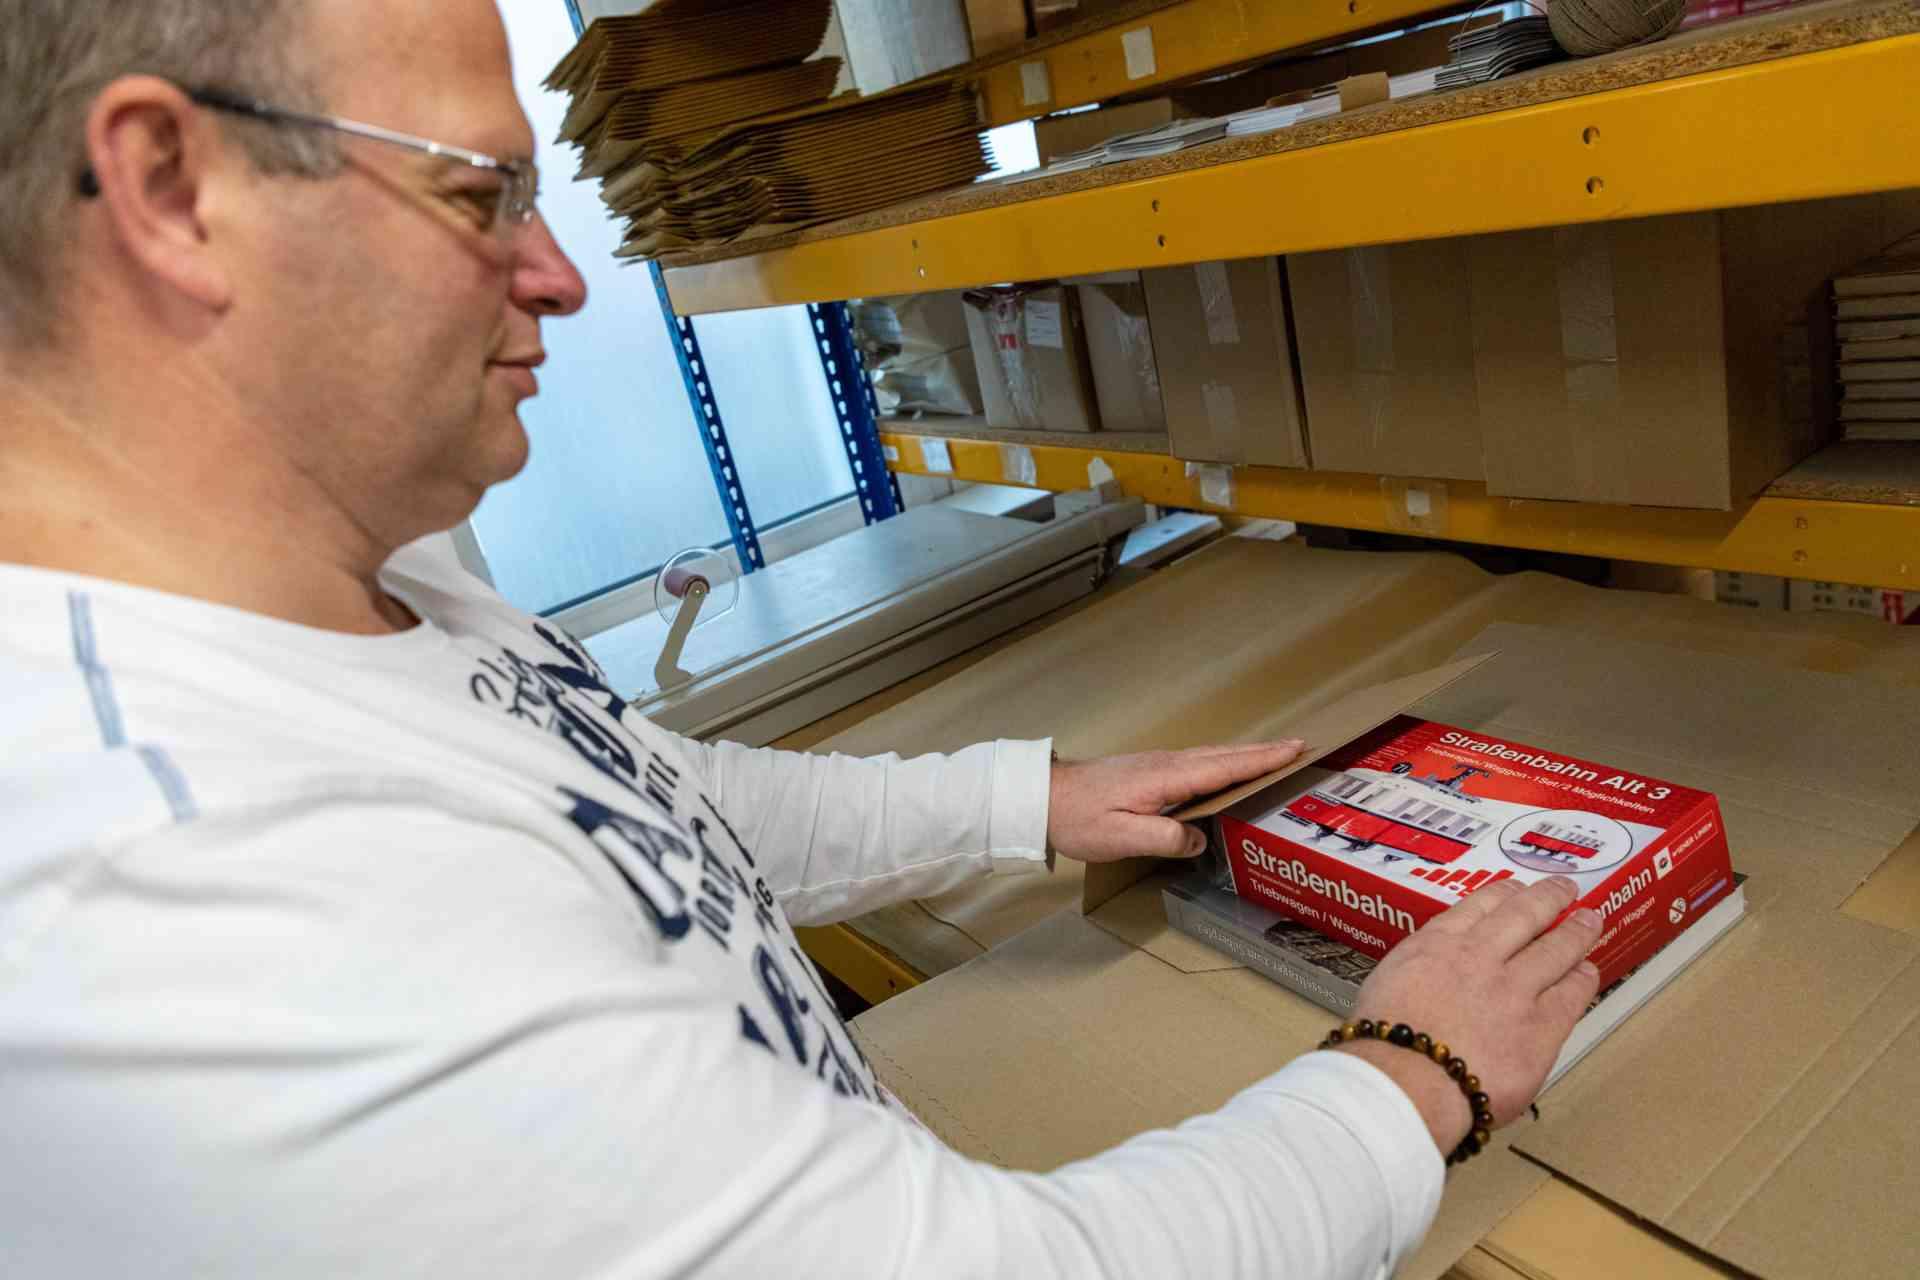 Erich achtet besonders darauf, dass die Waren sicher verpackt sind